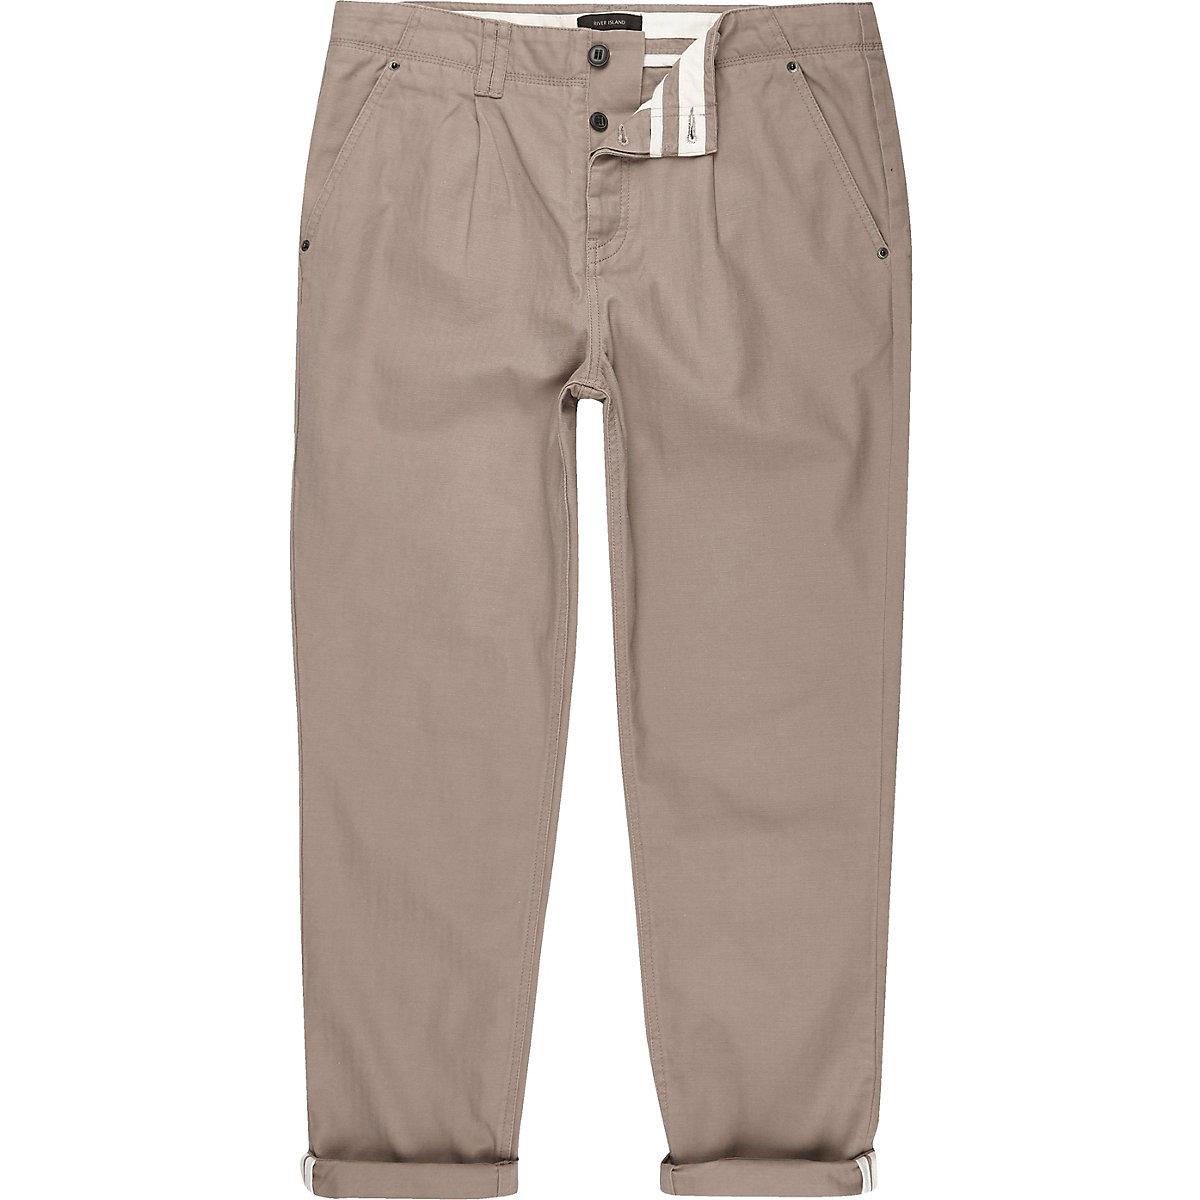 Stone wide leg pants